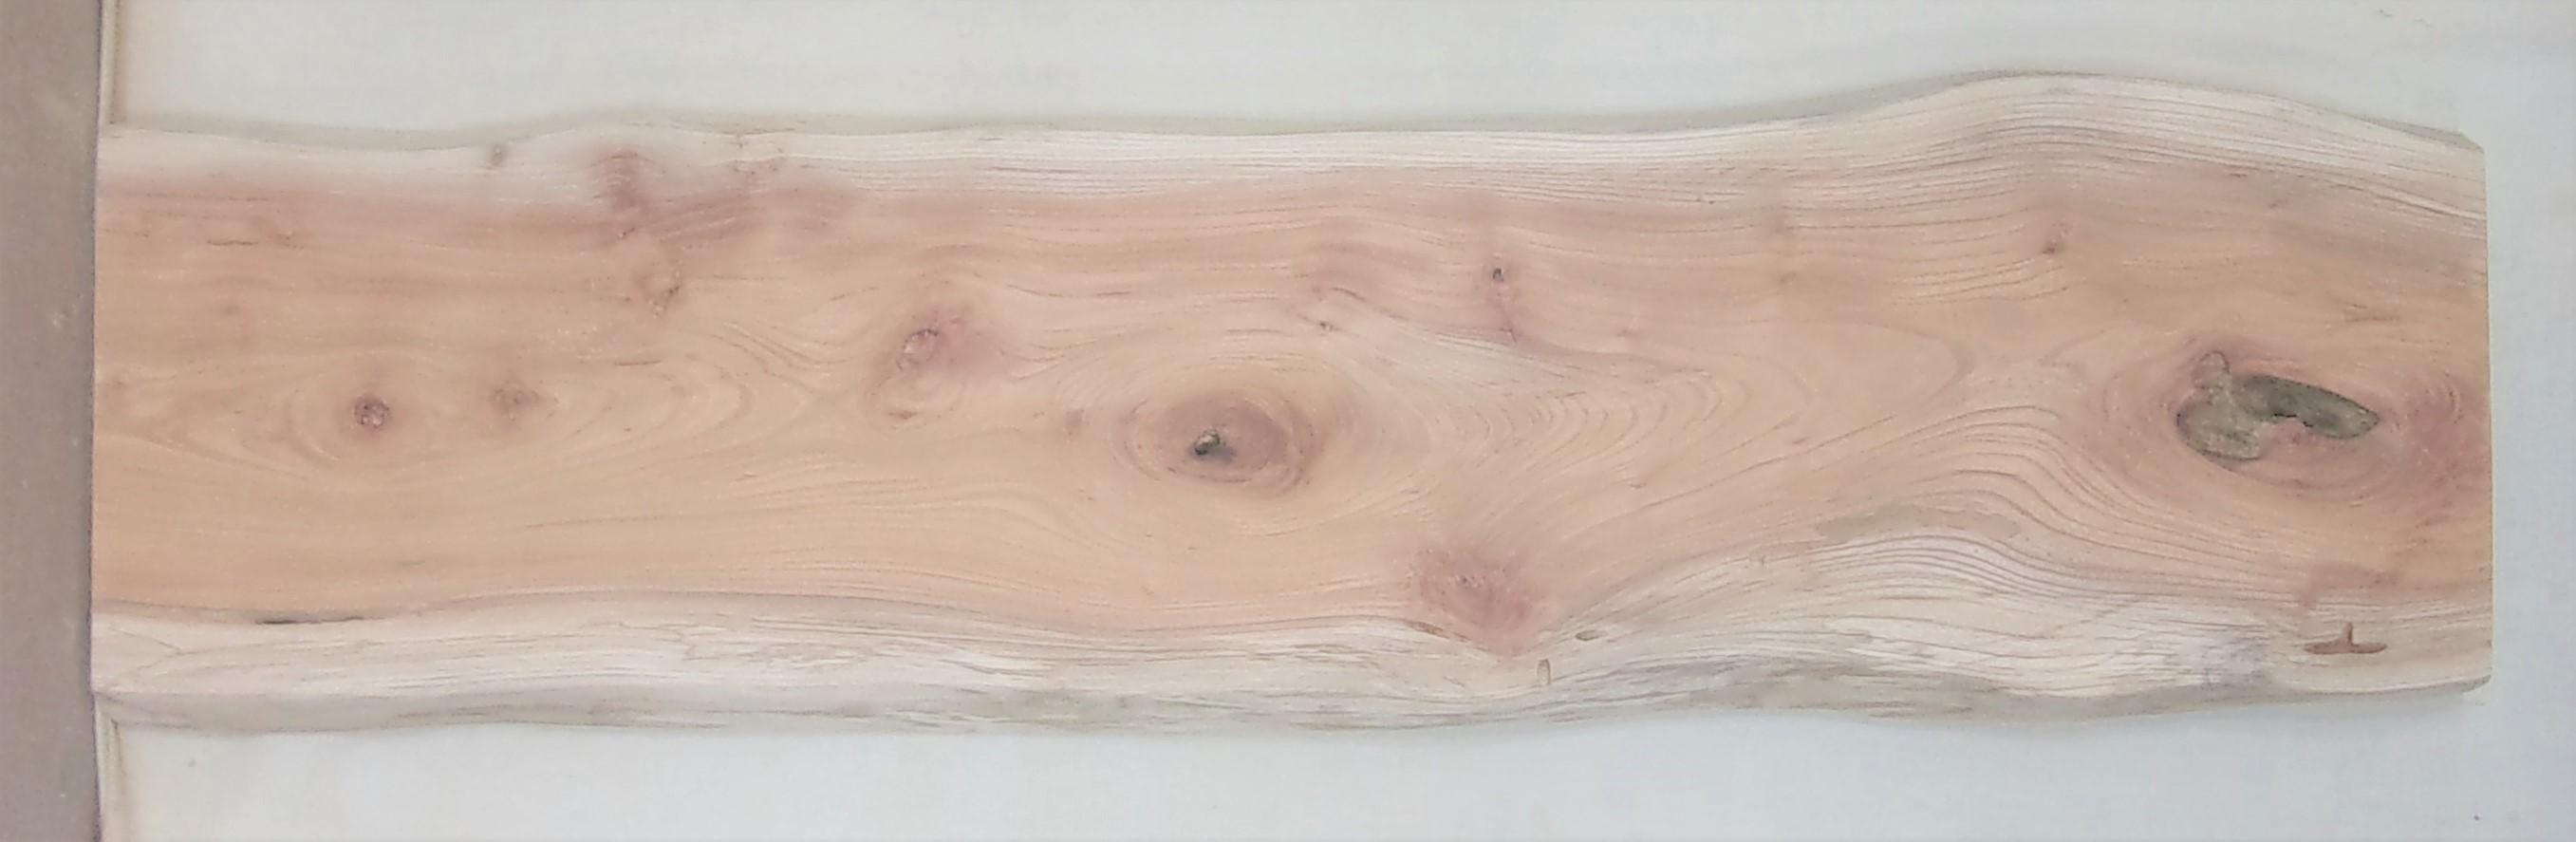 【送料・手数料無料】 山成林業 訳あり特価一枚板 KC-572 ケヤキ 中型看板に最適